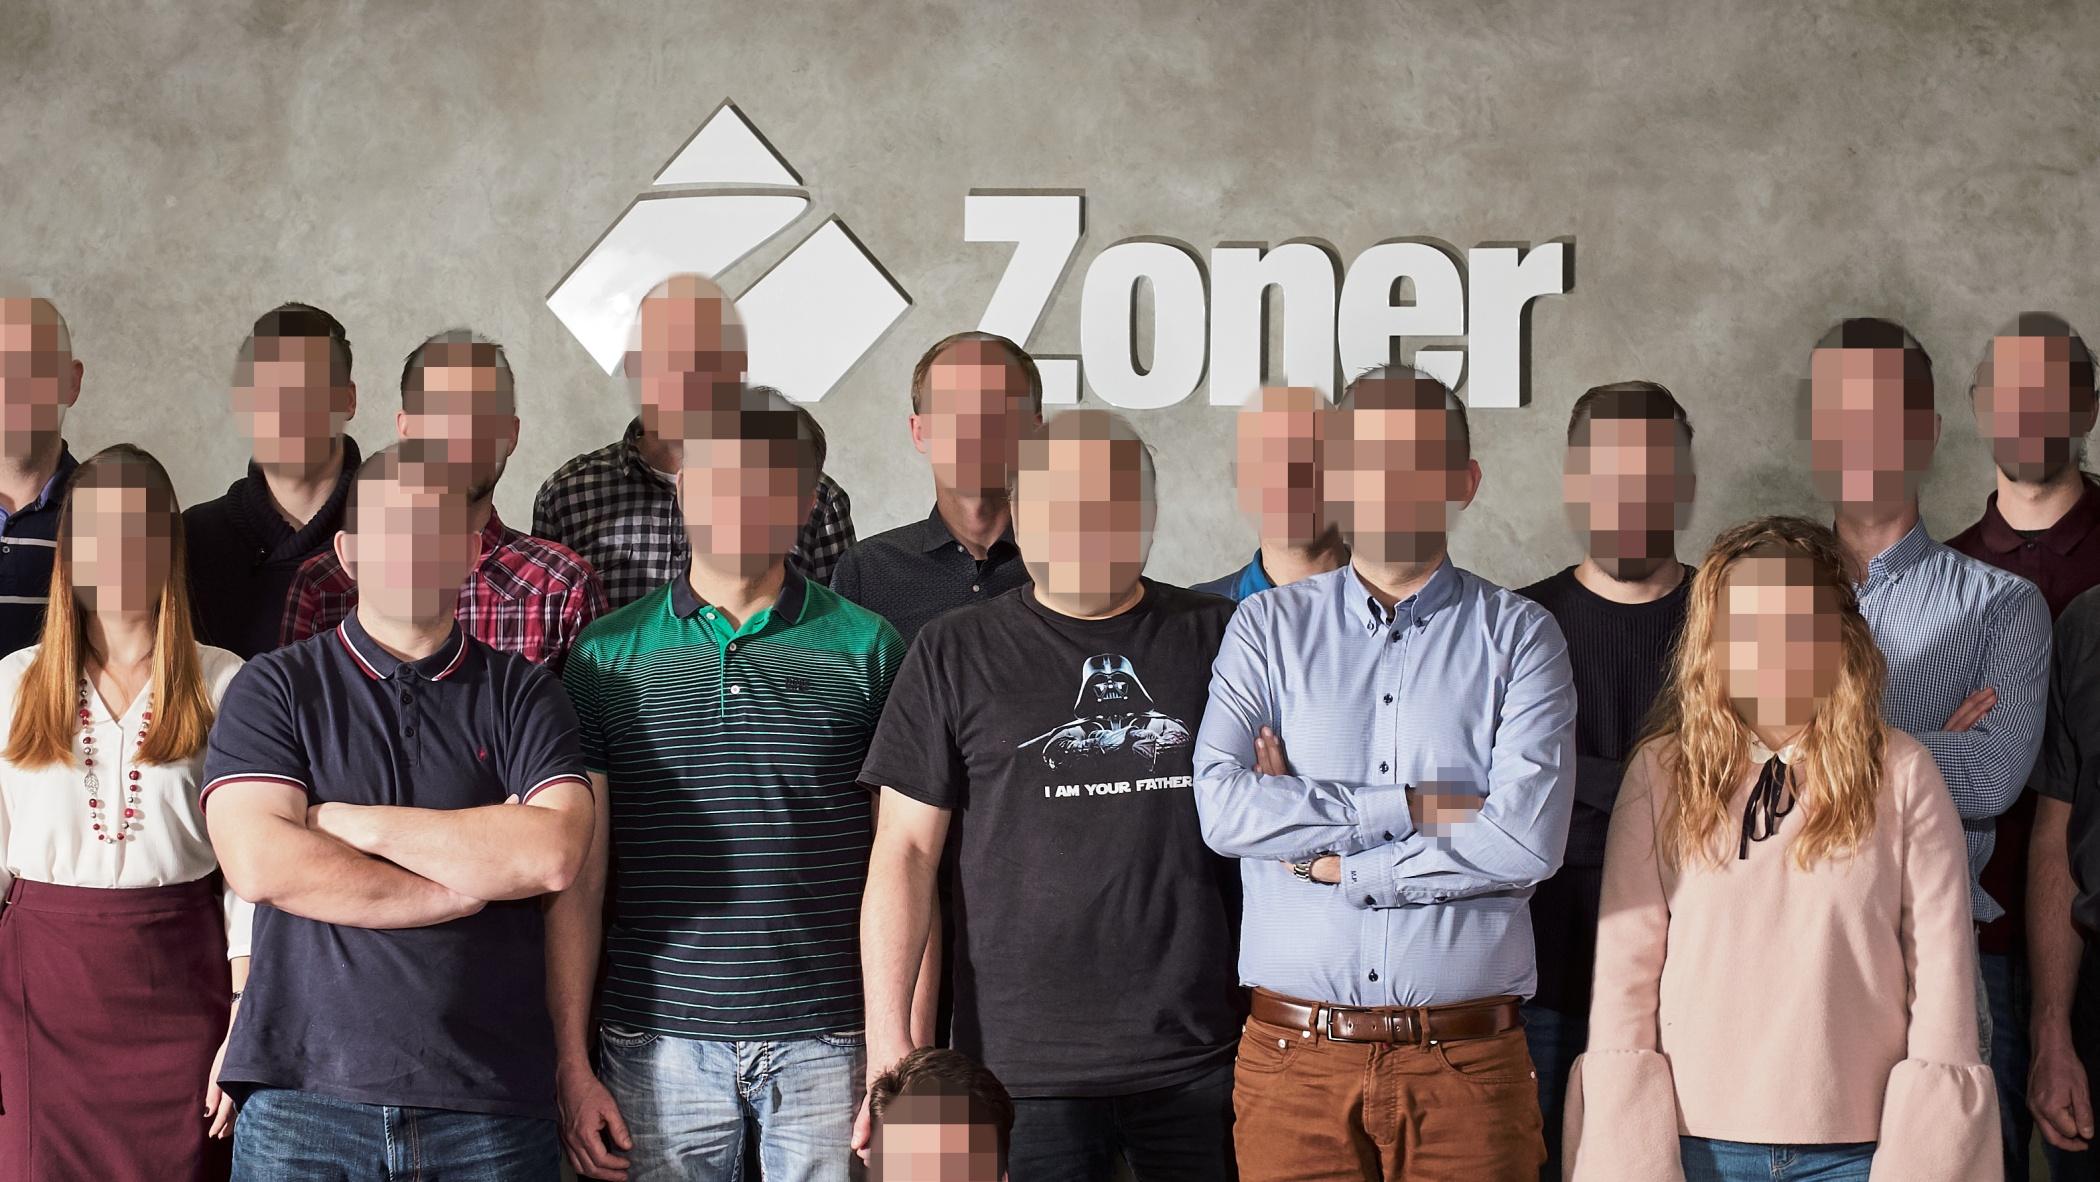 顔とナンバープレートを隠す方法:匿名化機能の使い方を学ぼう